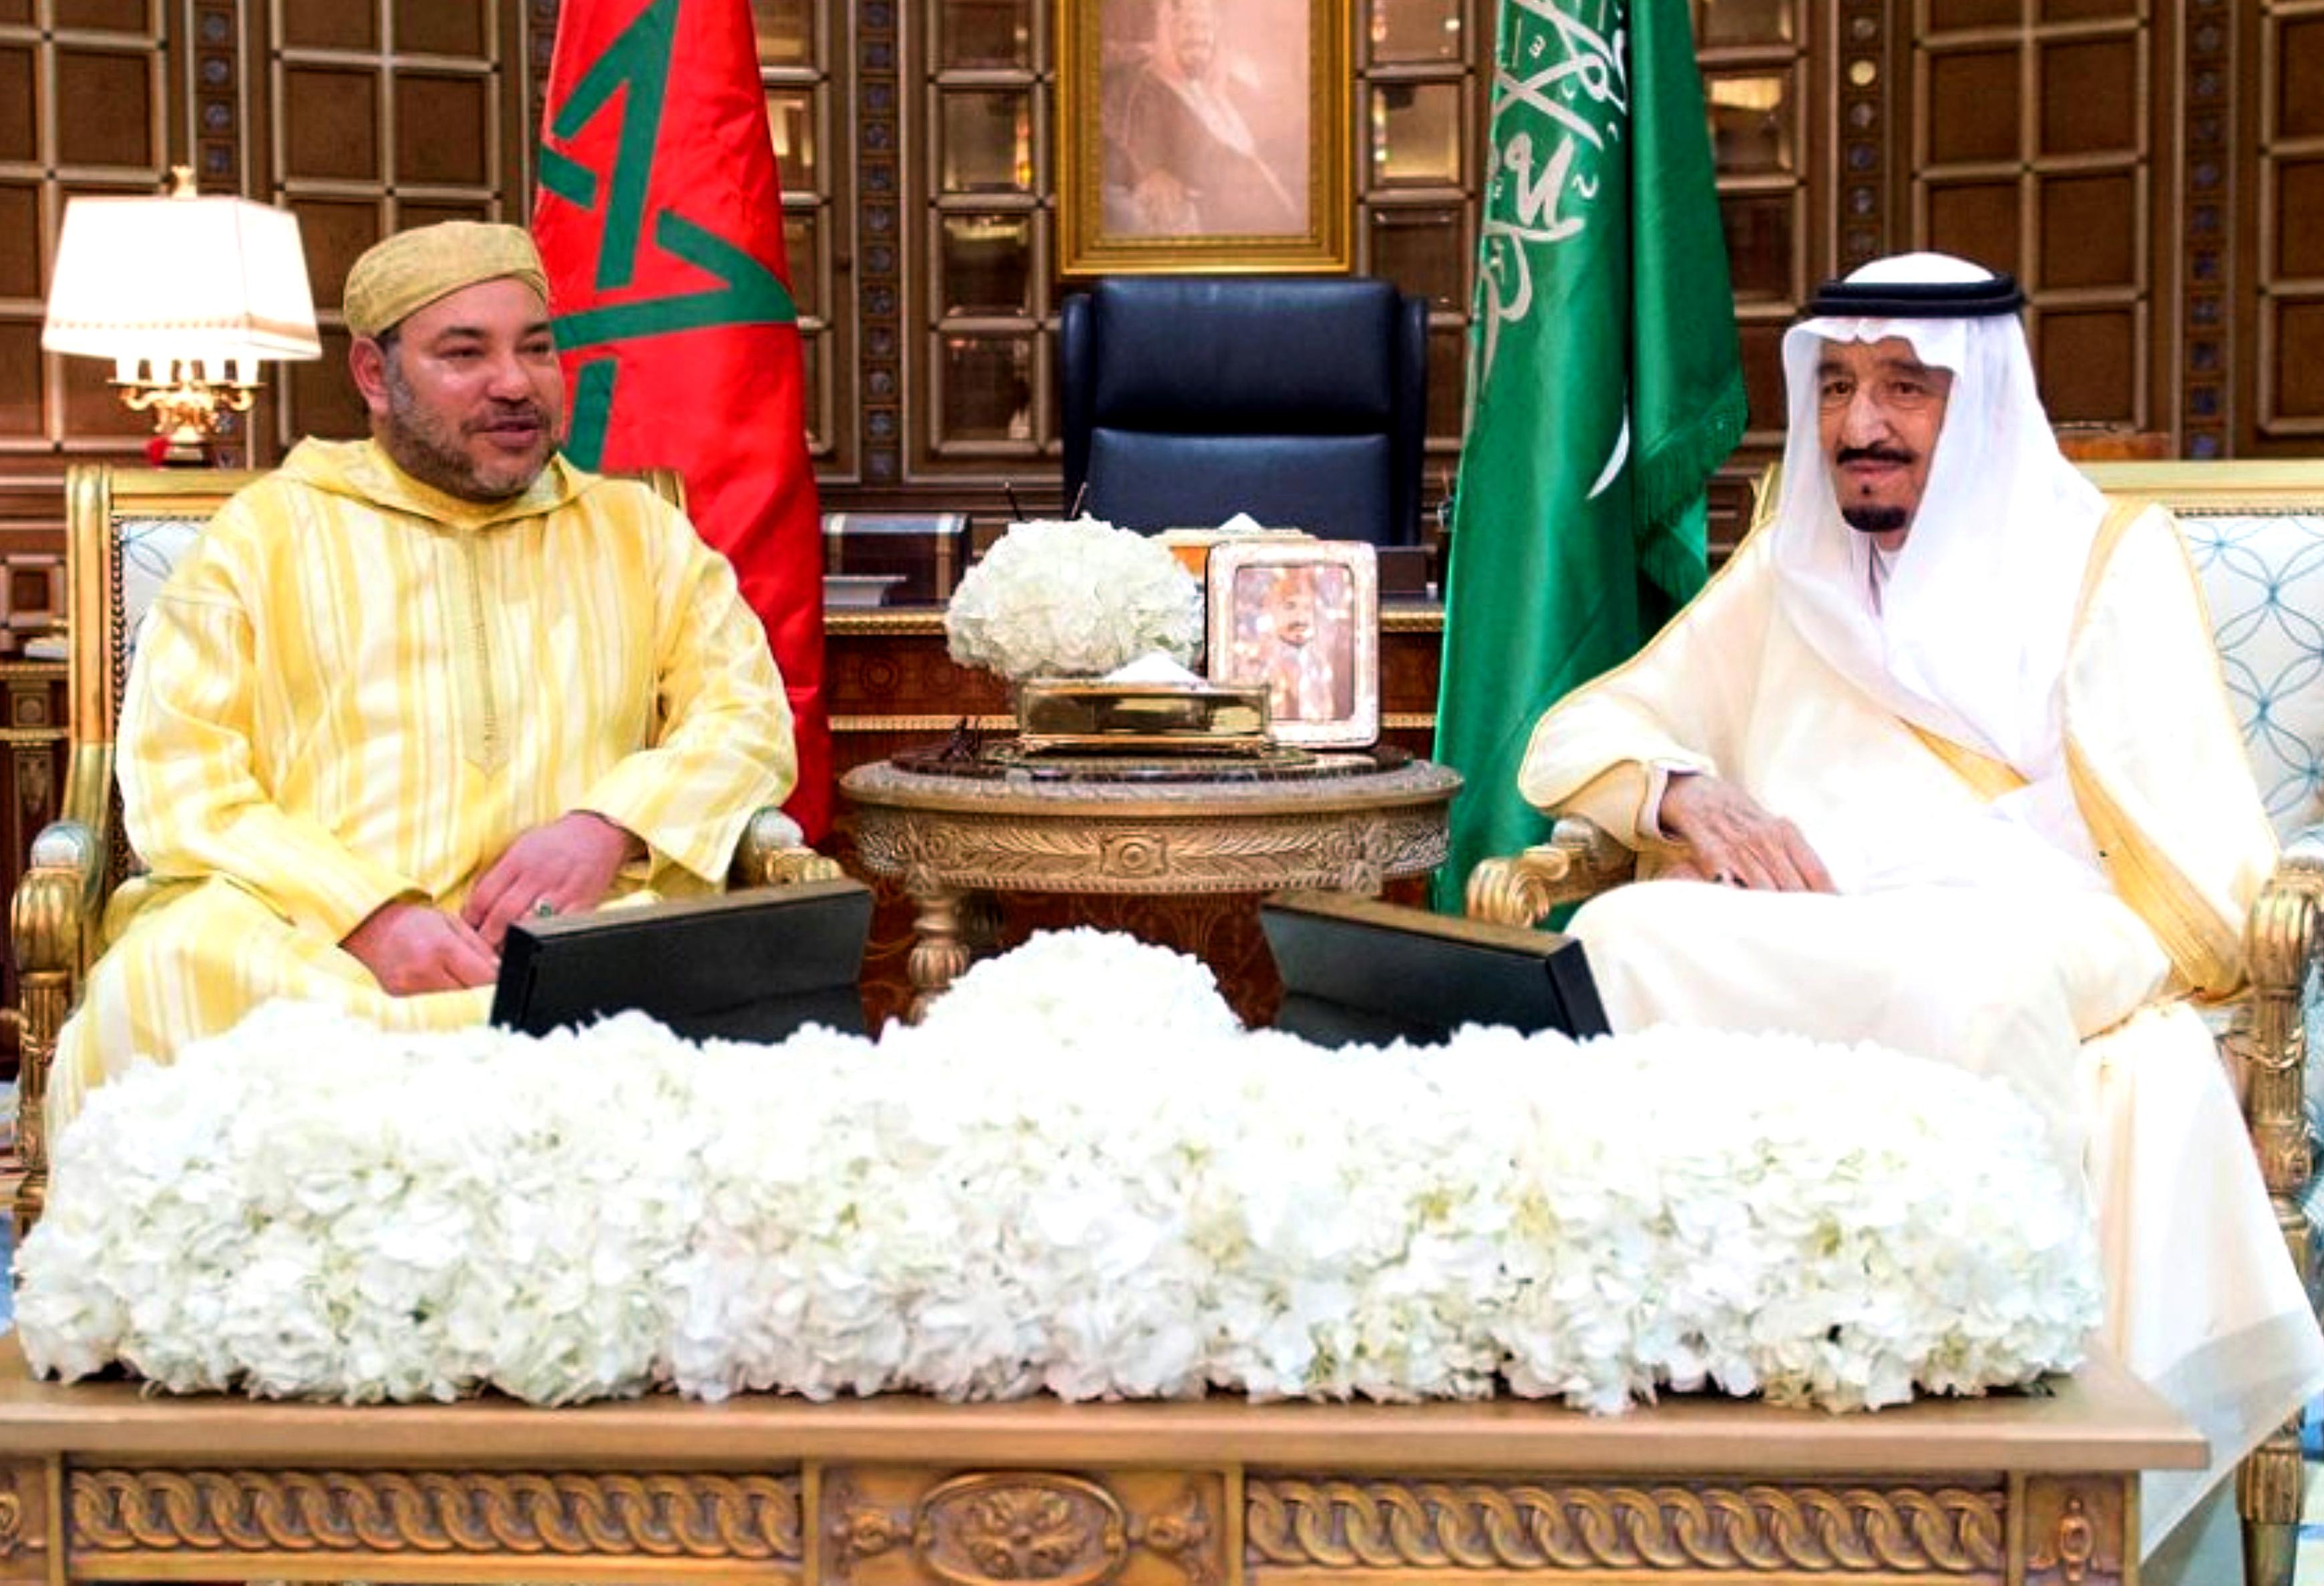 العاهل السعودي الملك سلمان بن عبد العزيز رفقة الملك محمد السادس